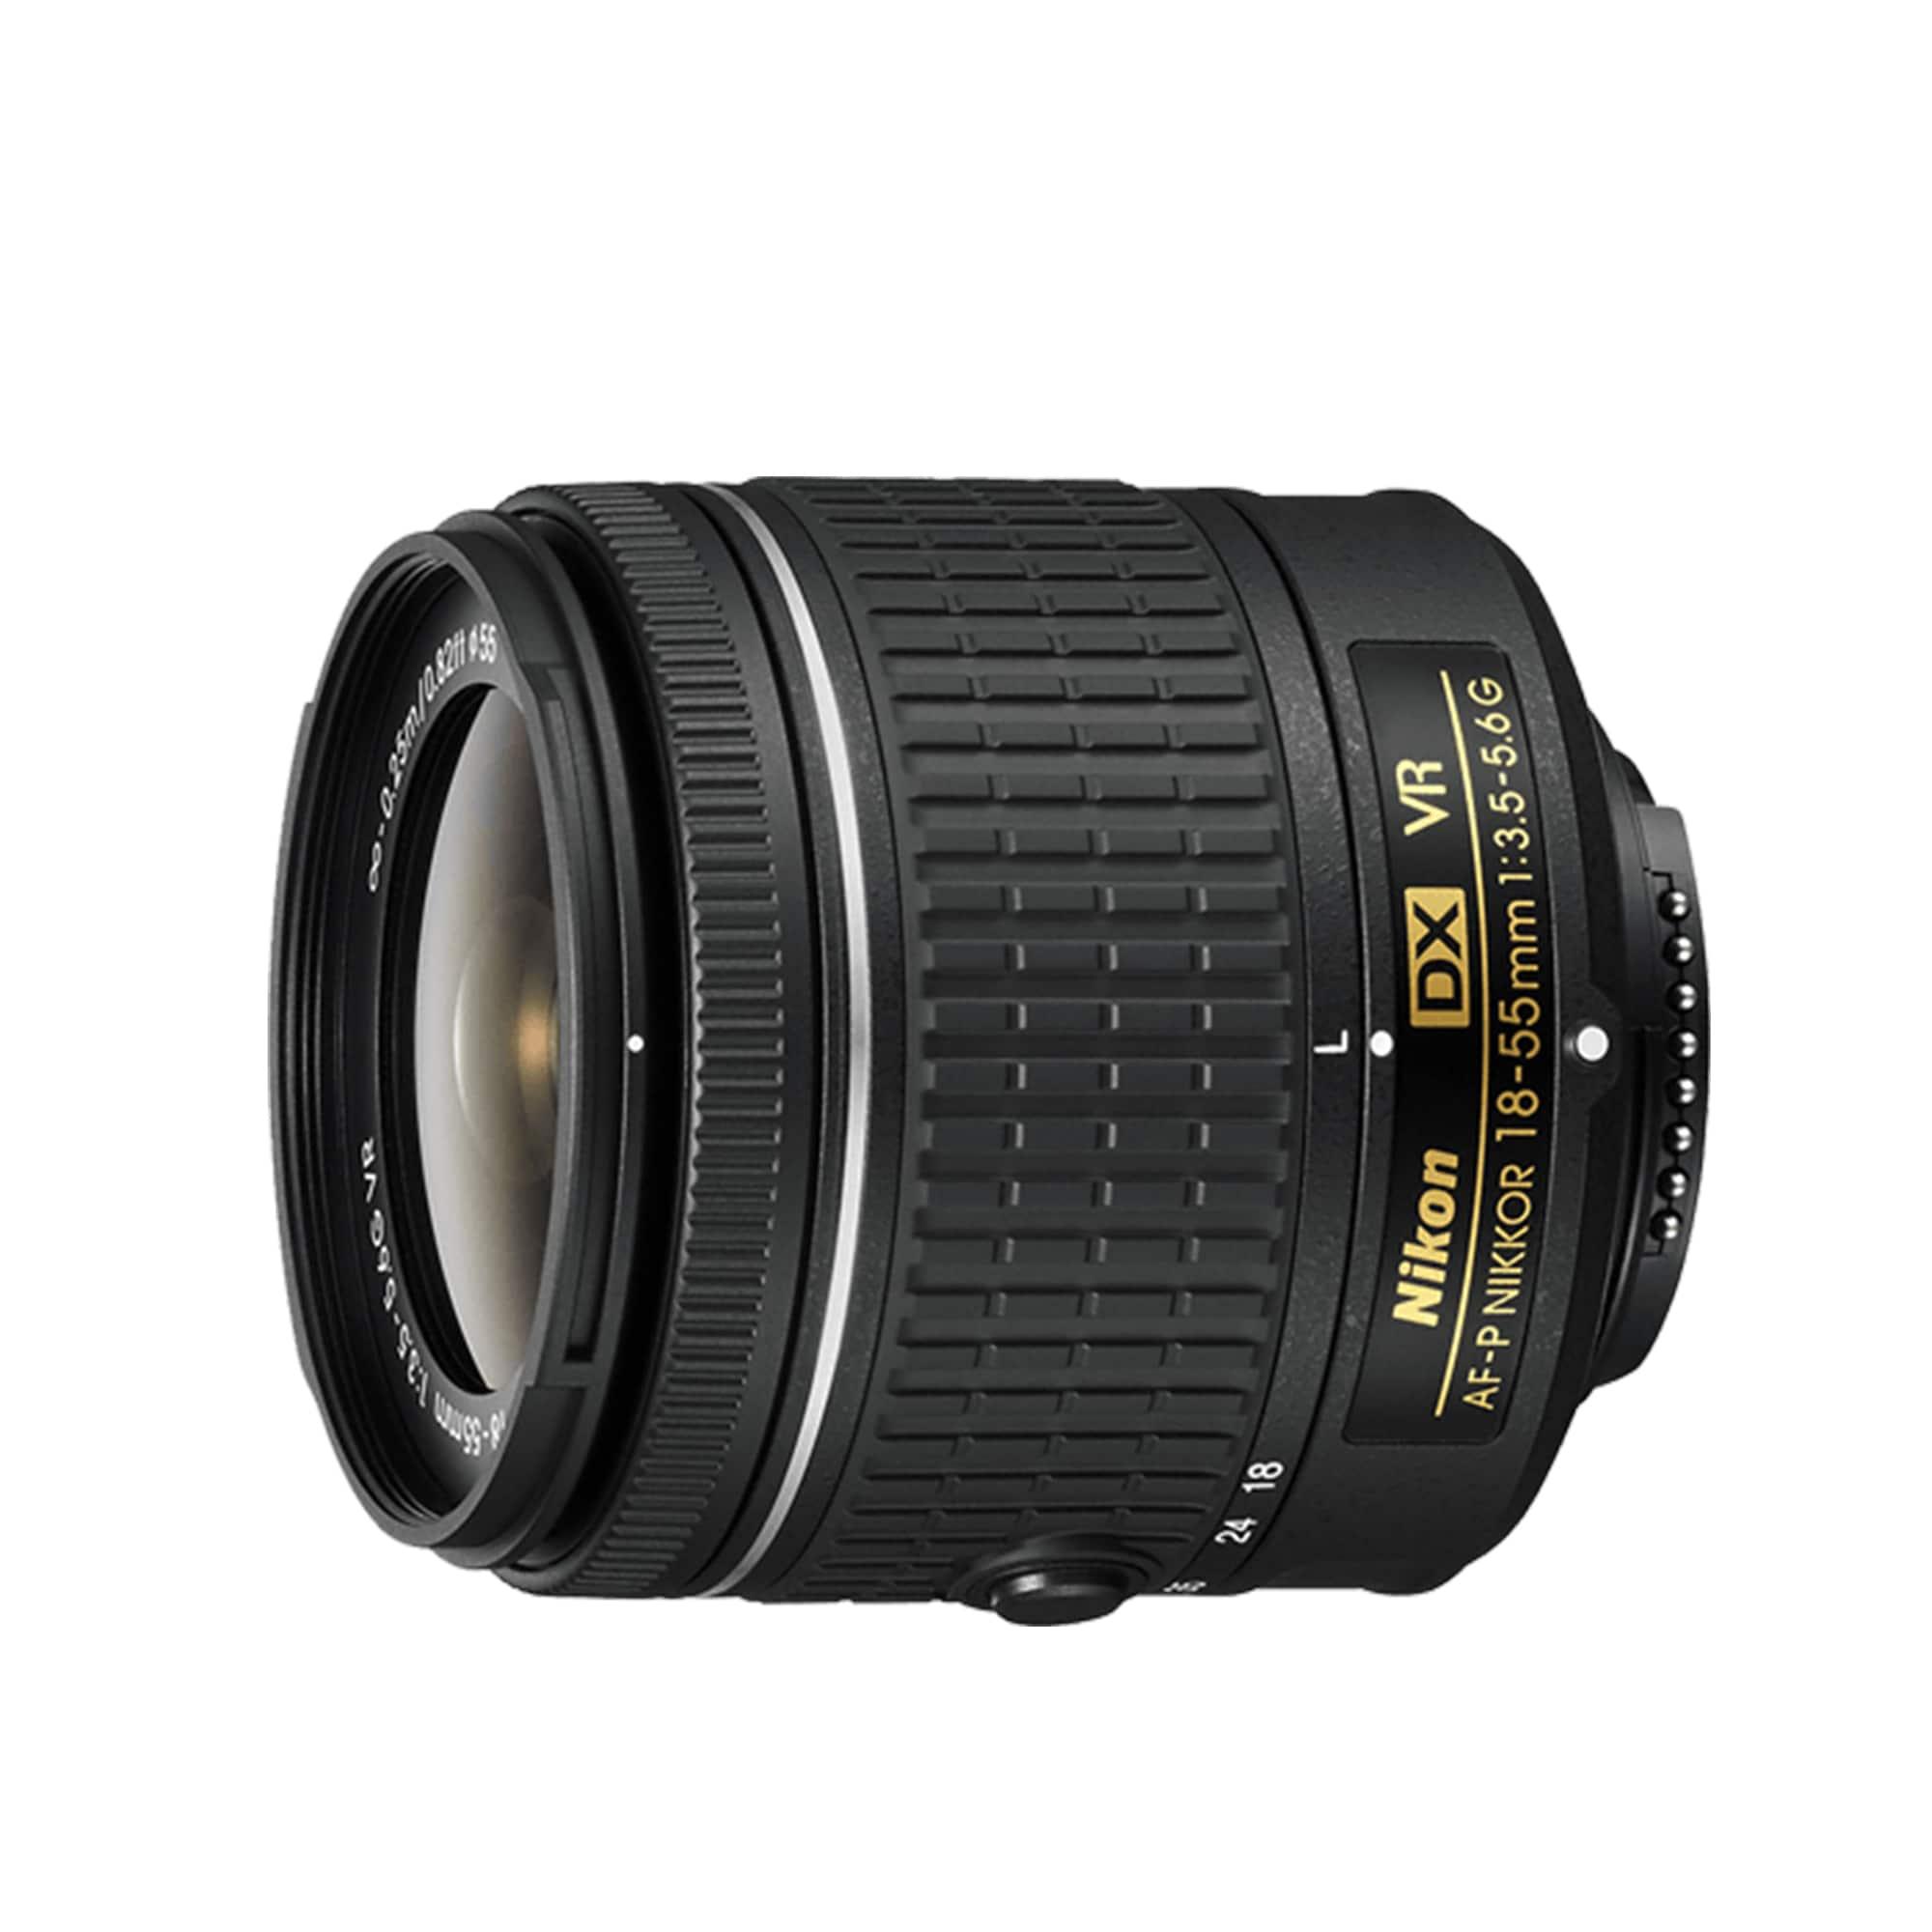 Nikon AF-P DX VR G 18-55mm f/3,5-5,6 - DEMO EX